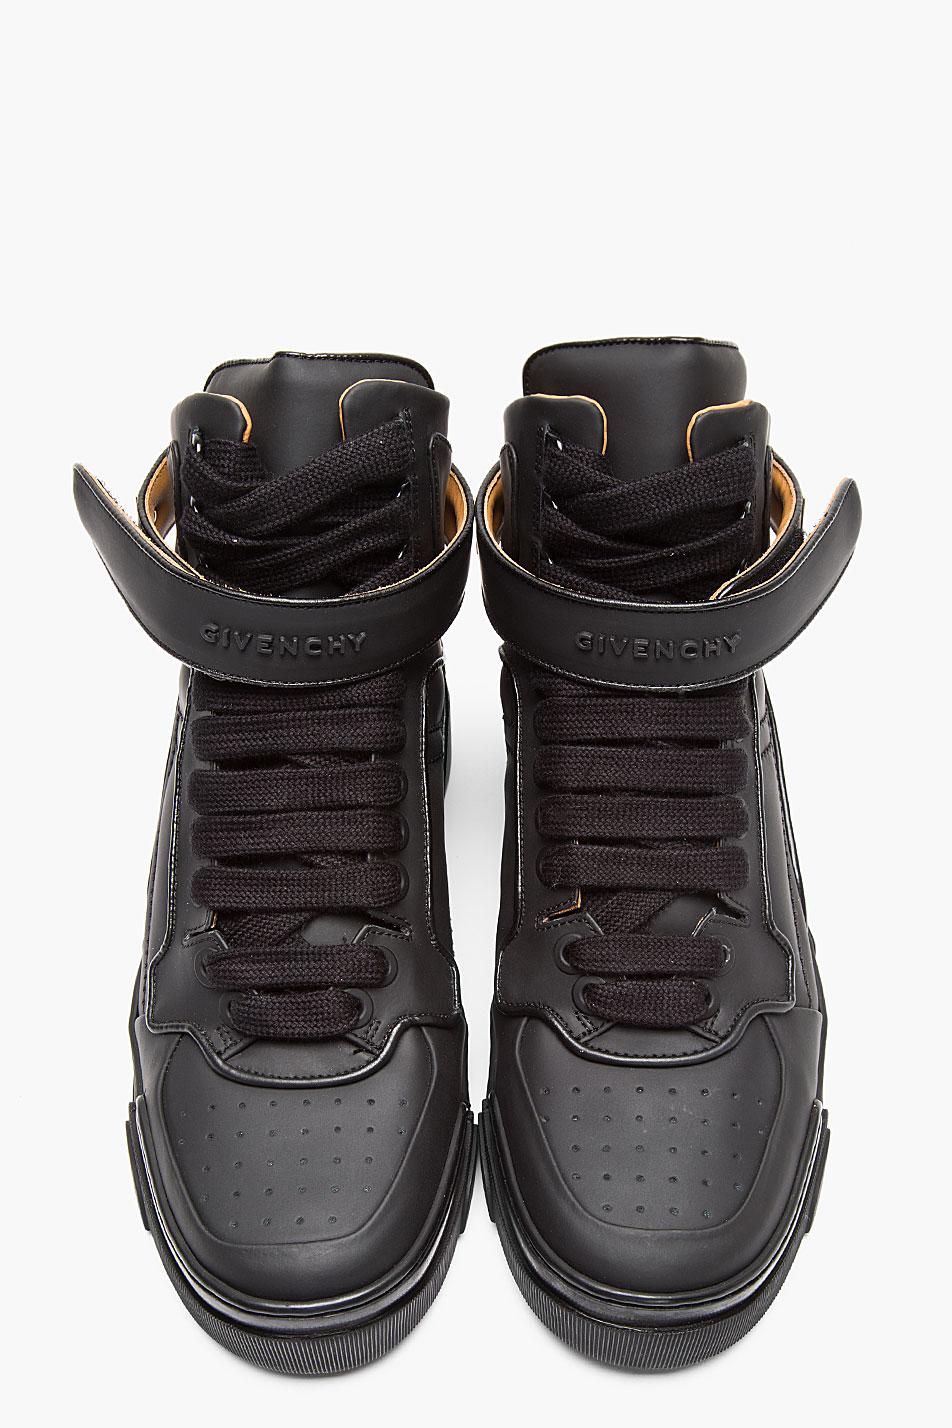 Matte Black × Metal Velcro strap givenchy sneakers 3